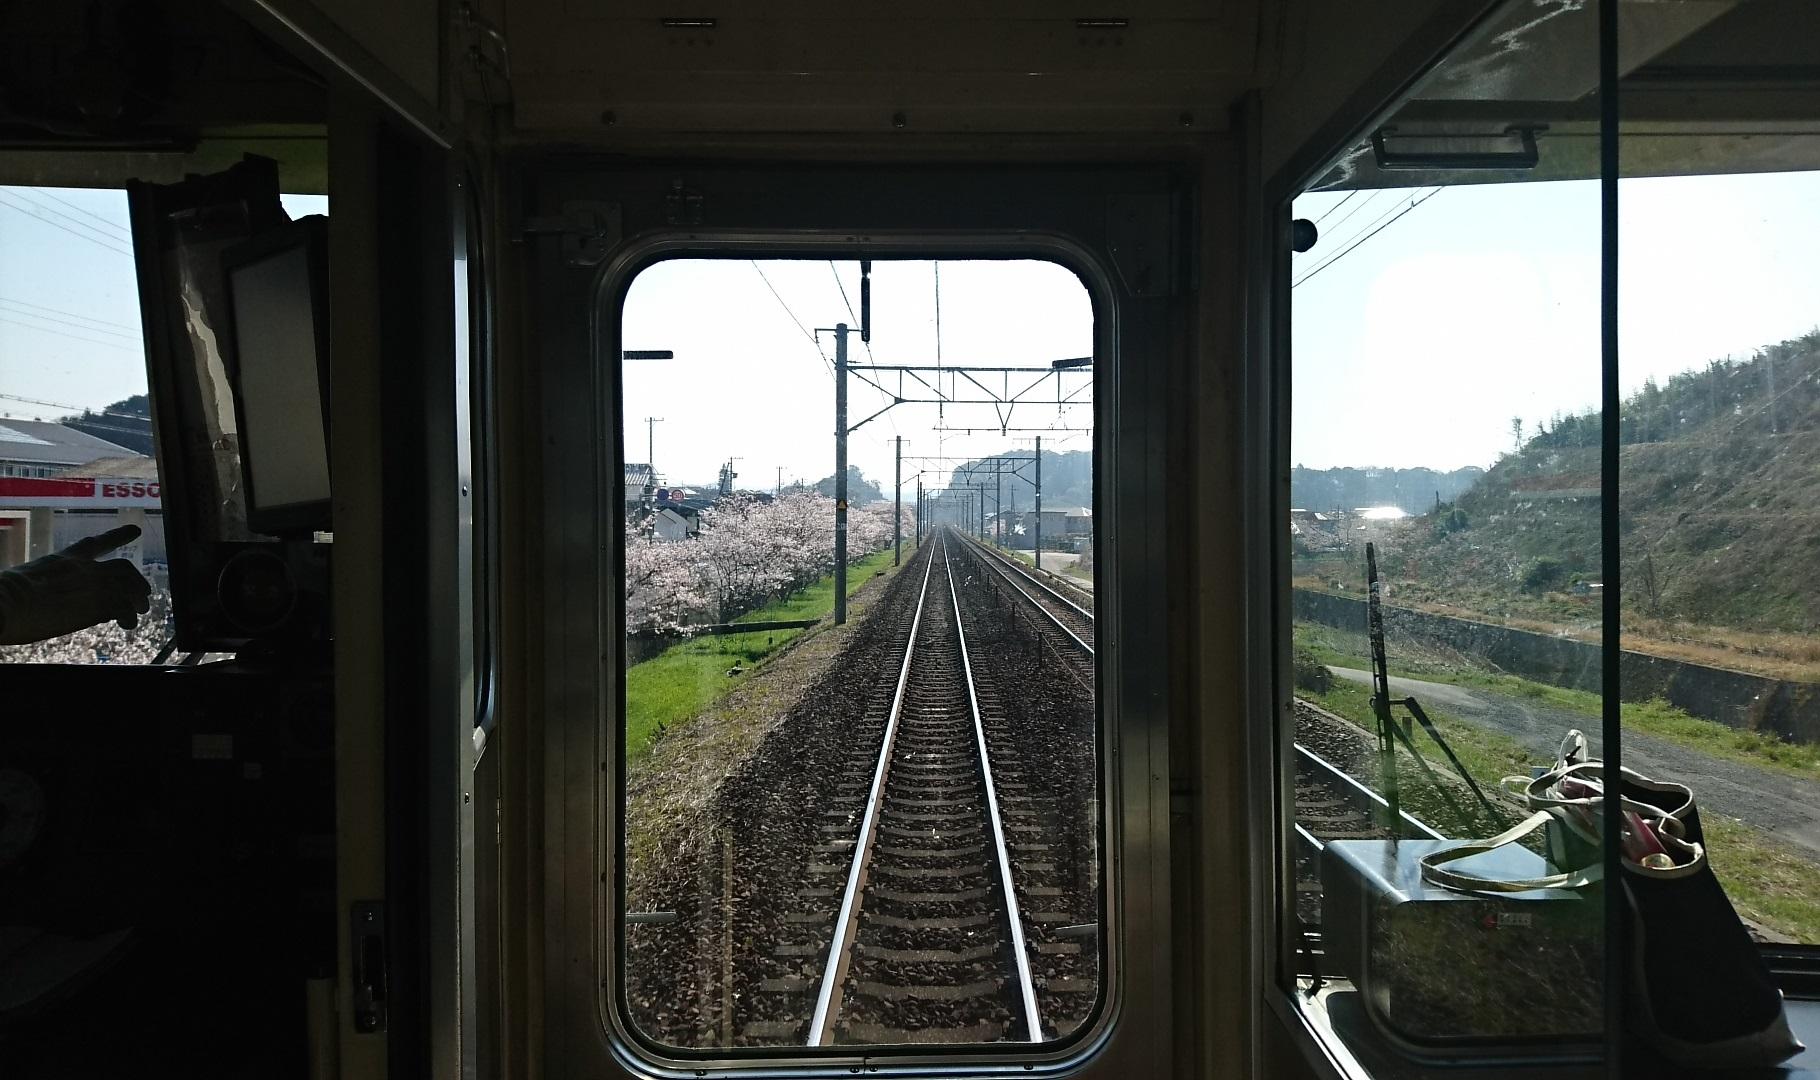 2018.3.28 金谷まで (38) 熱海いきふつう - 掛川-菊川間 1820-1080